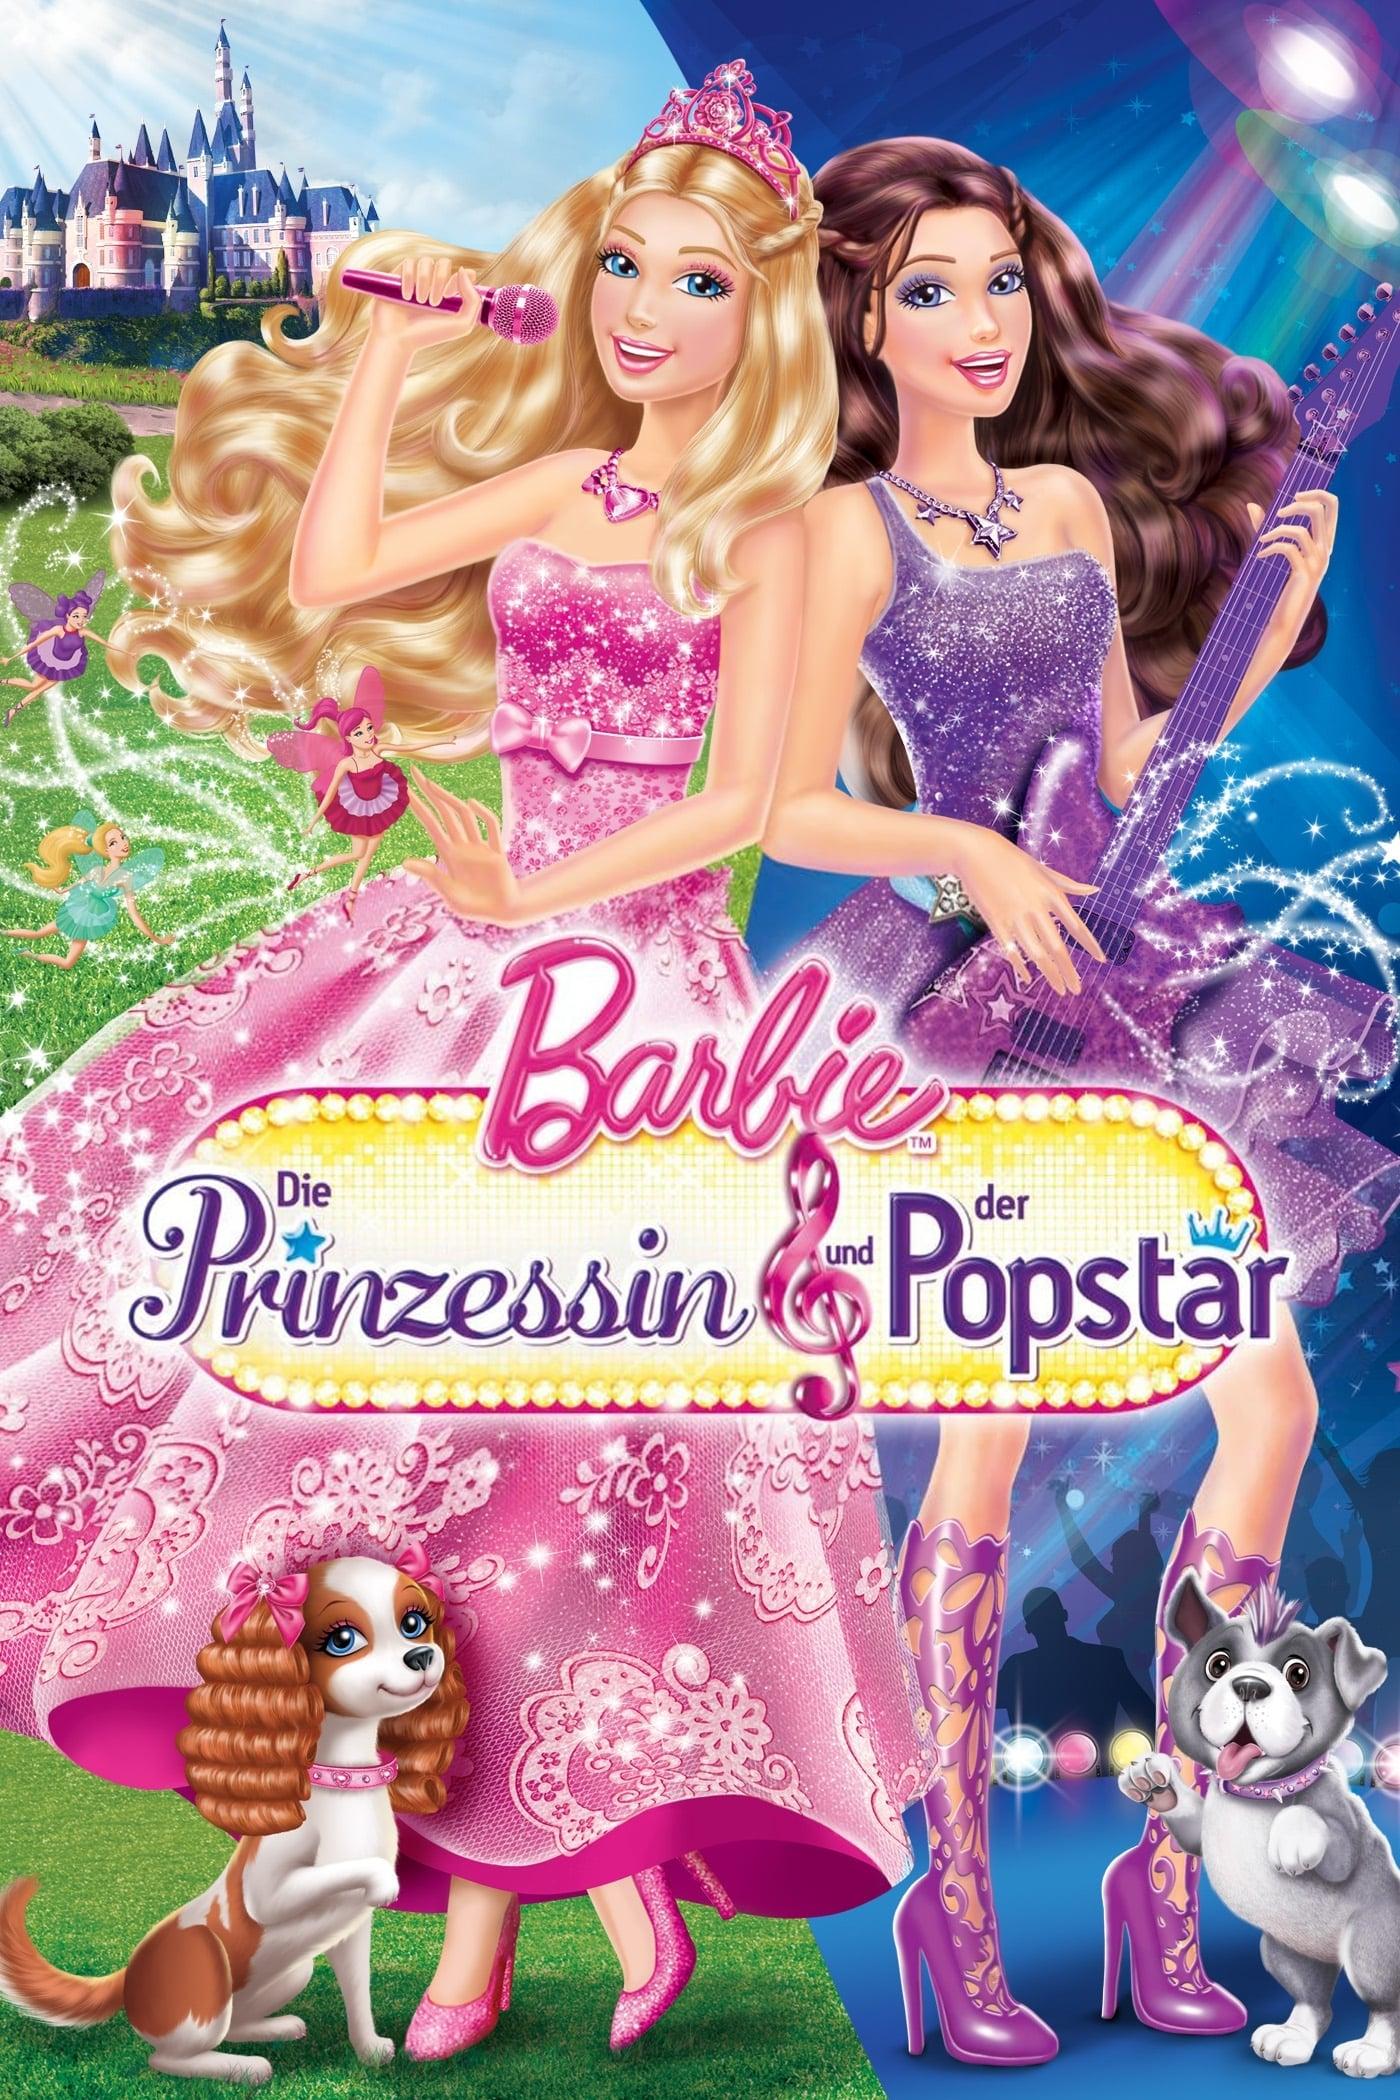 Barbie Prinzessin Und Der Popstar Ganzer Film